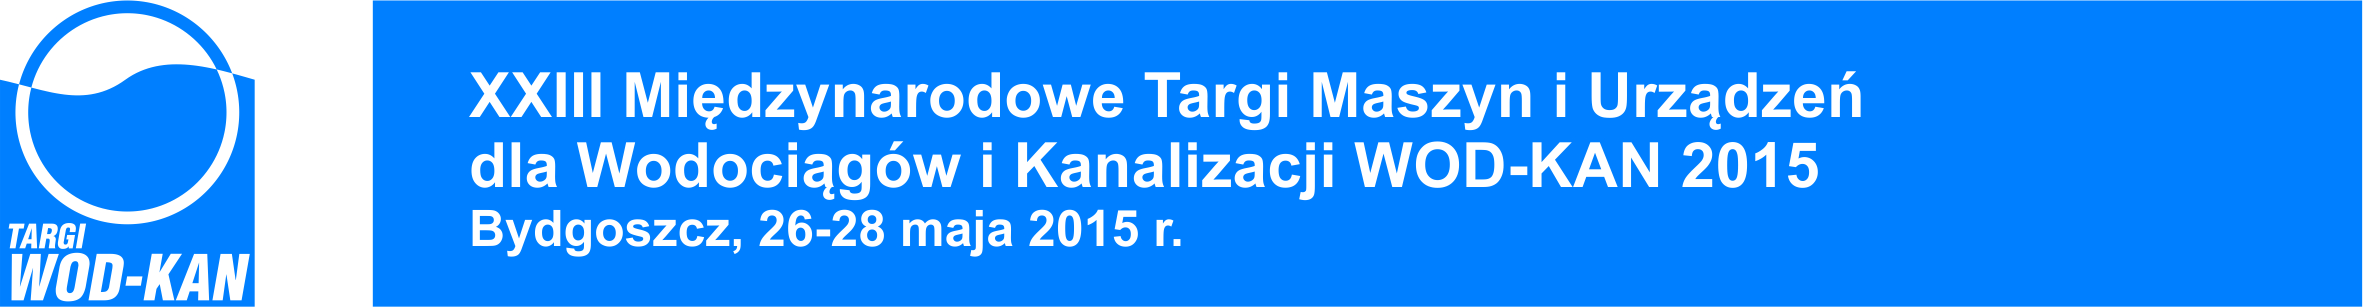 Nagłówek 2015